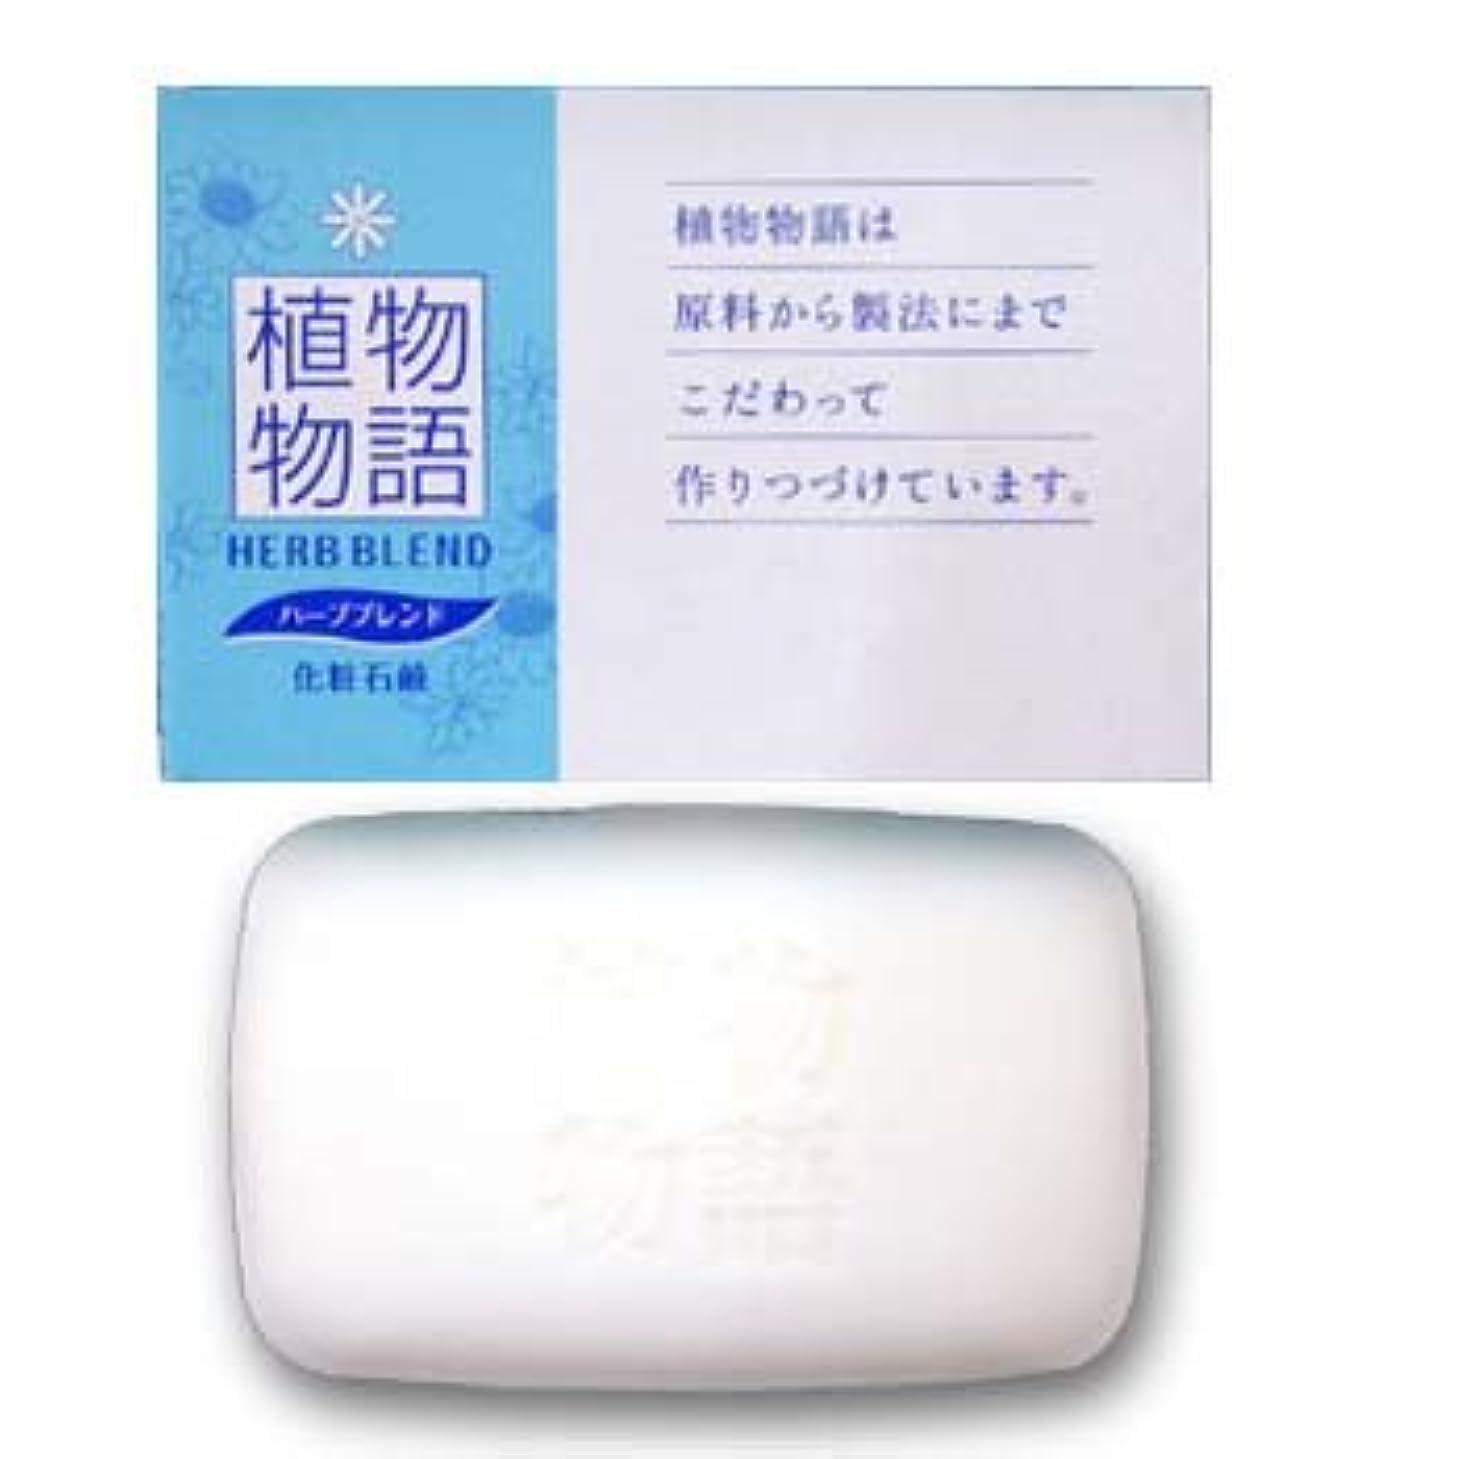 ささいな悪魔進捗LION 植物物語石鹸80g化粧箱入(1セット100個入)